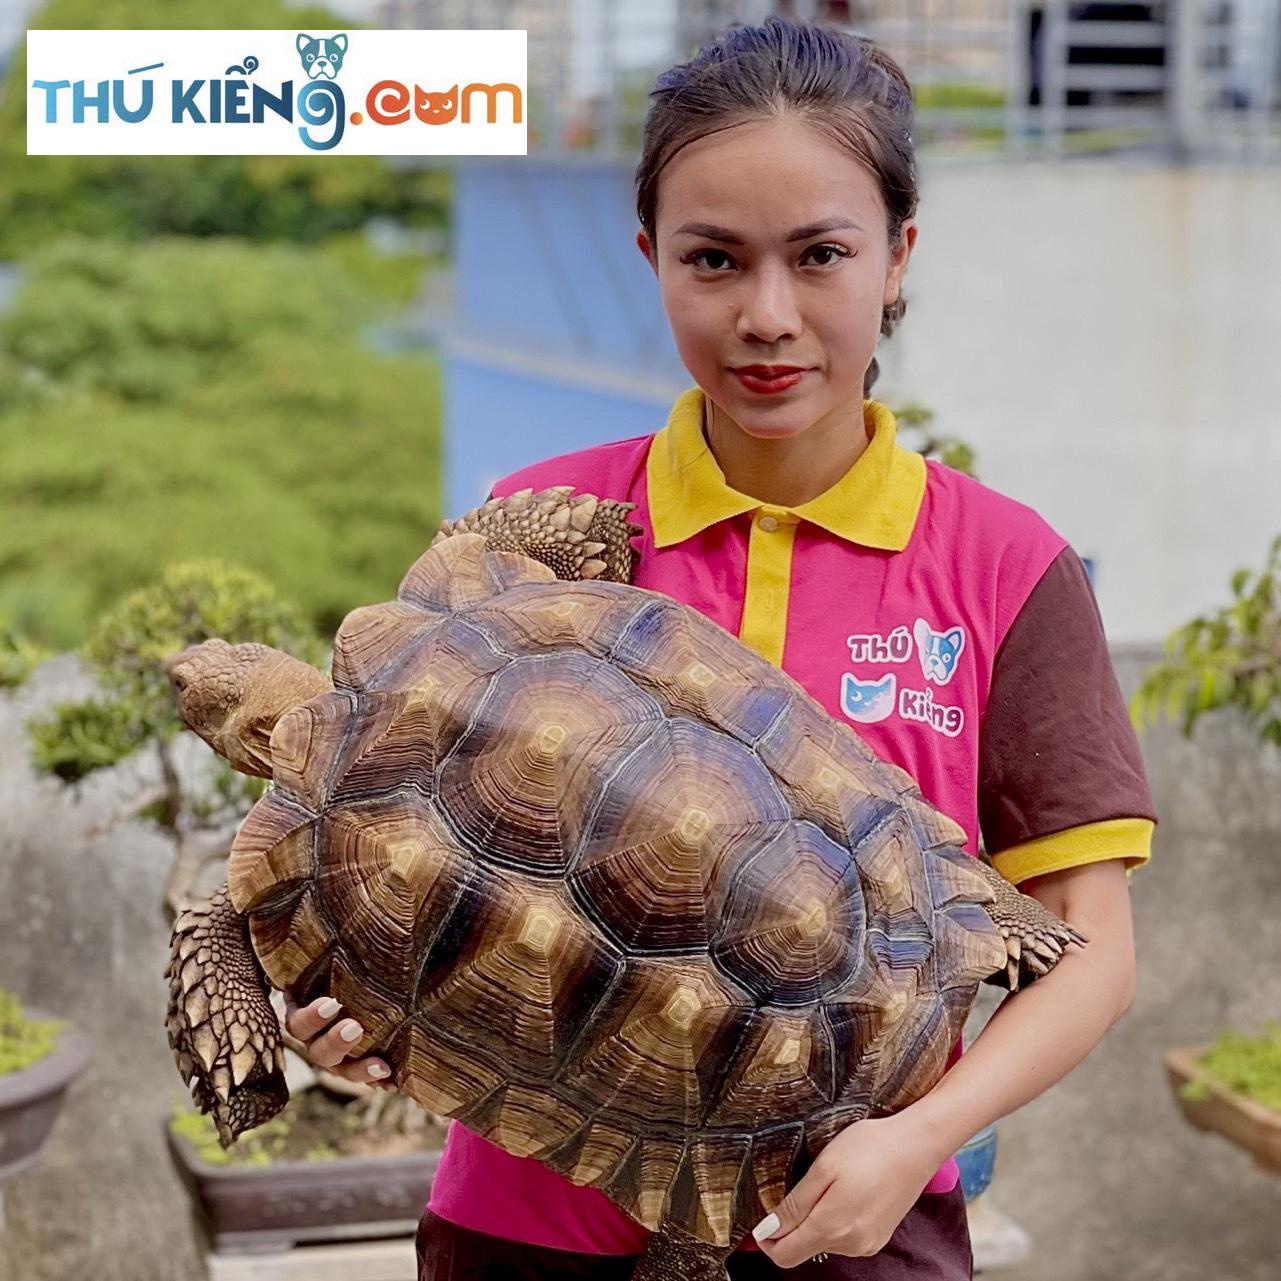 Hoa văn nổi bật trên mai rùa